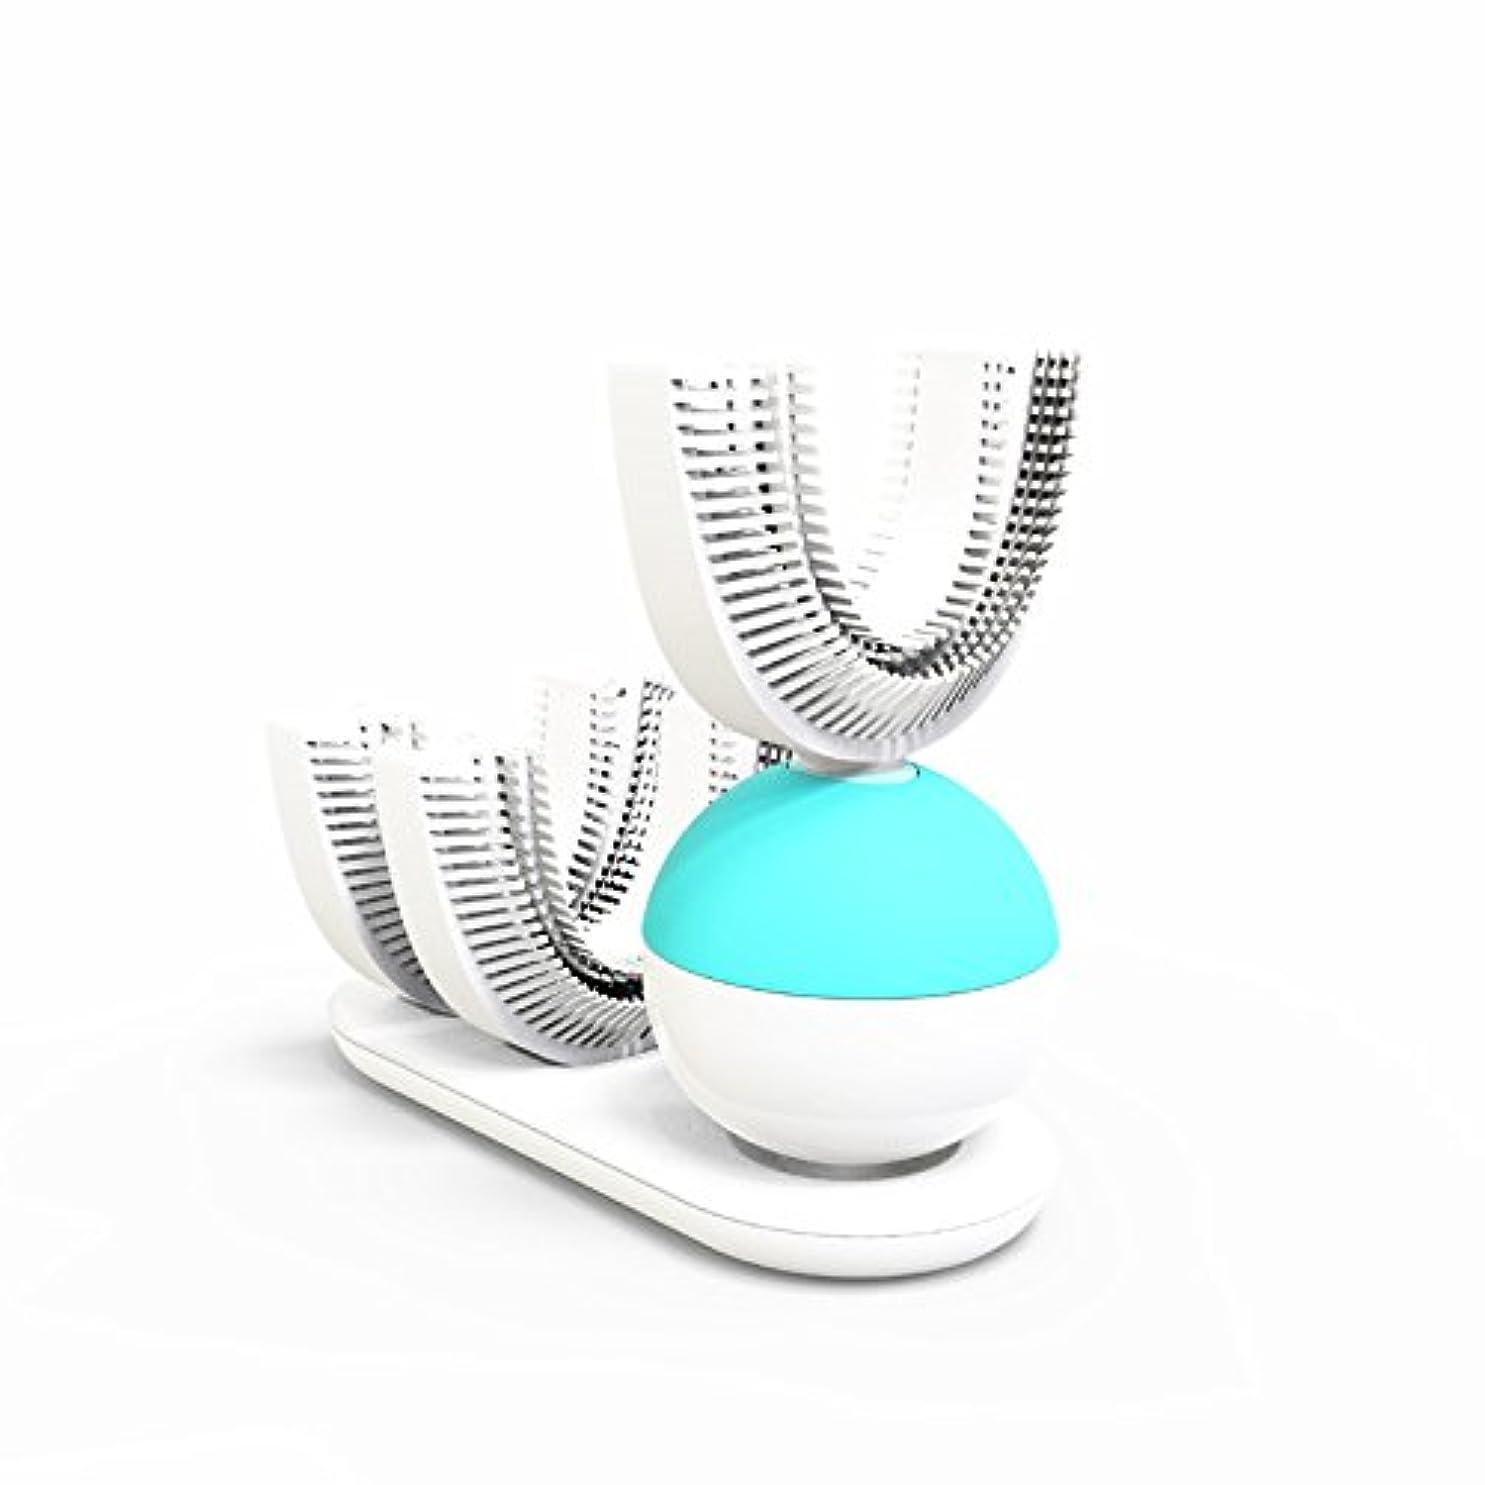 オン退屈な生産的怠け者牙刷-電動 U型 超音波 専門370°全方位 自動歯ブラシ ワイヤレス充電 成人 怠け者 ユニークなU字型のマウスピース わずか10秒で歯磨き 自動バブル 2本の歯ブラシヘッド付き あなたの手を解放 磁気吸引接続...